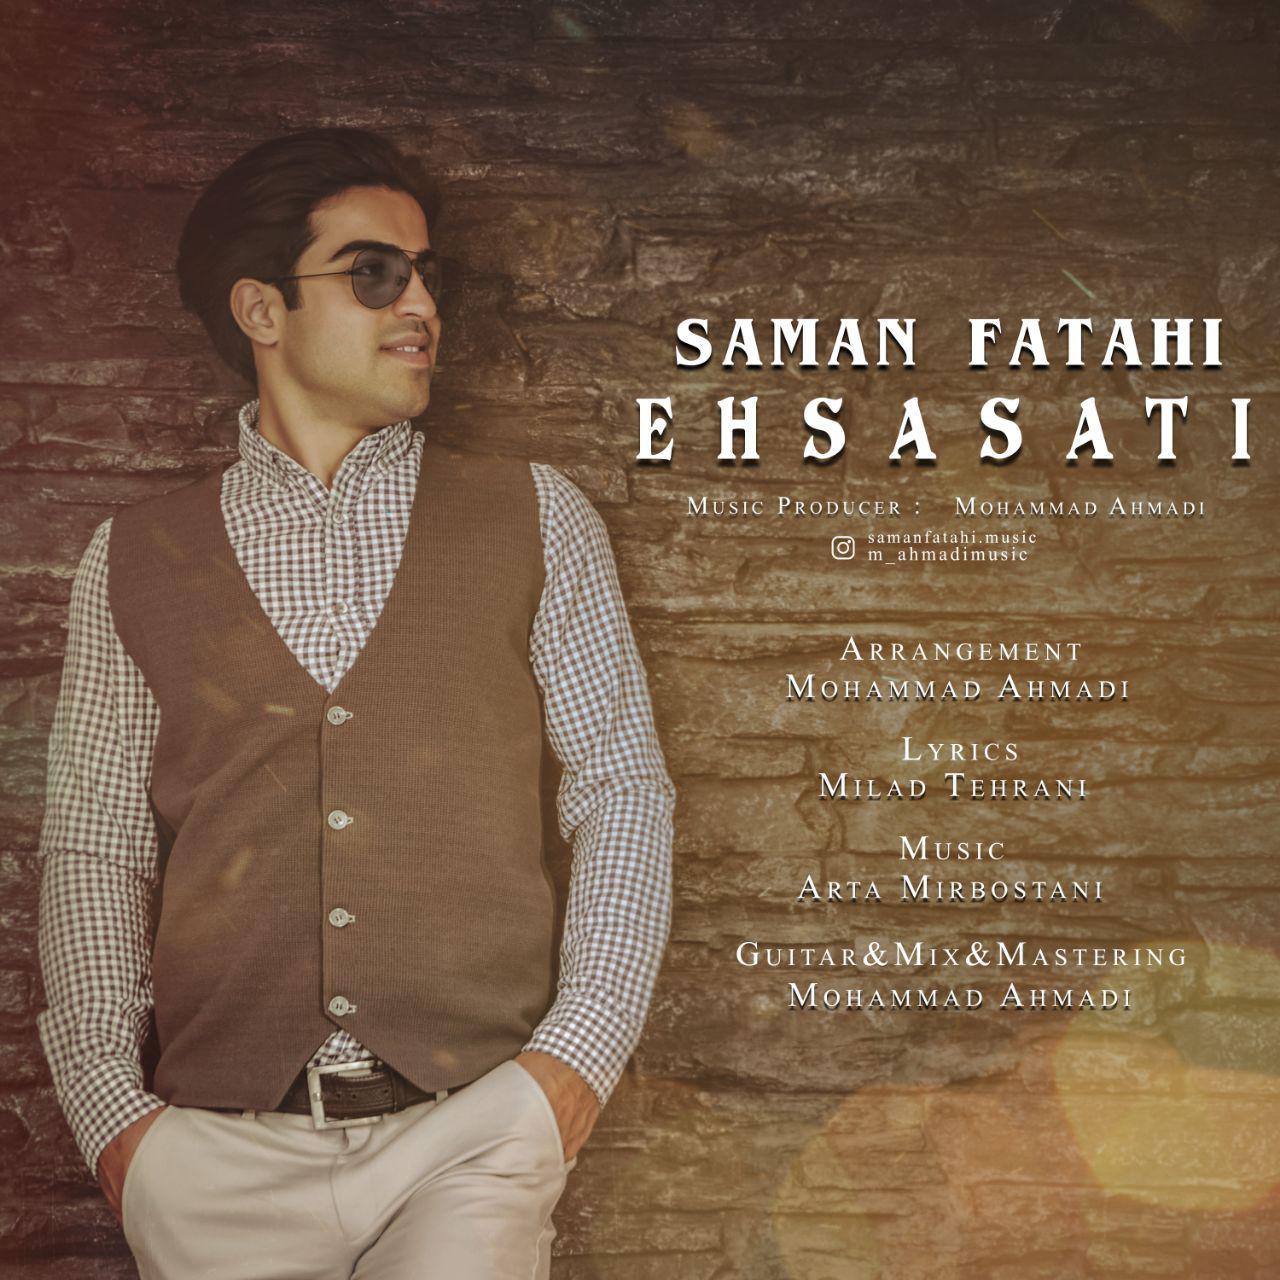 Saman Fatahi – Ehsasati